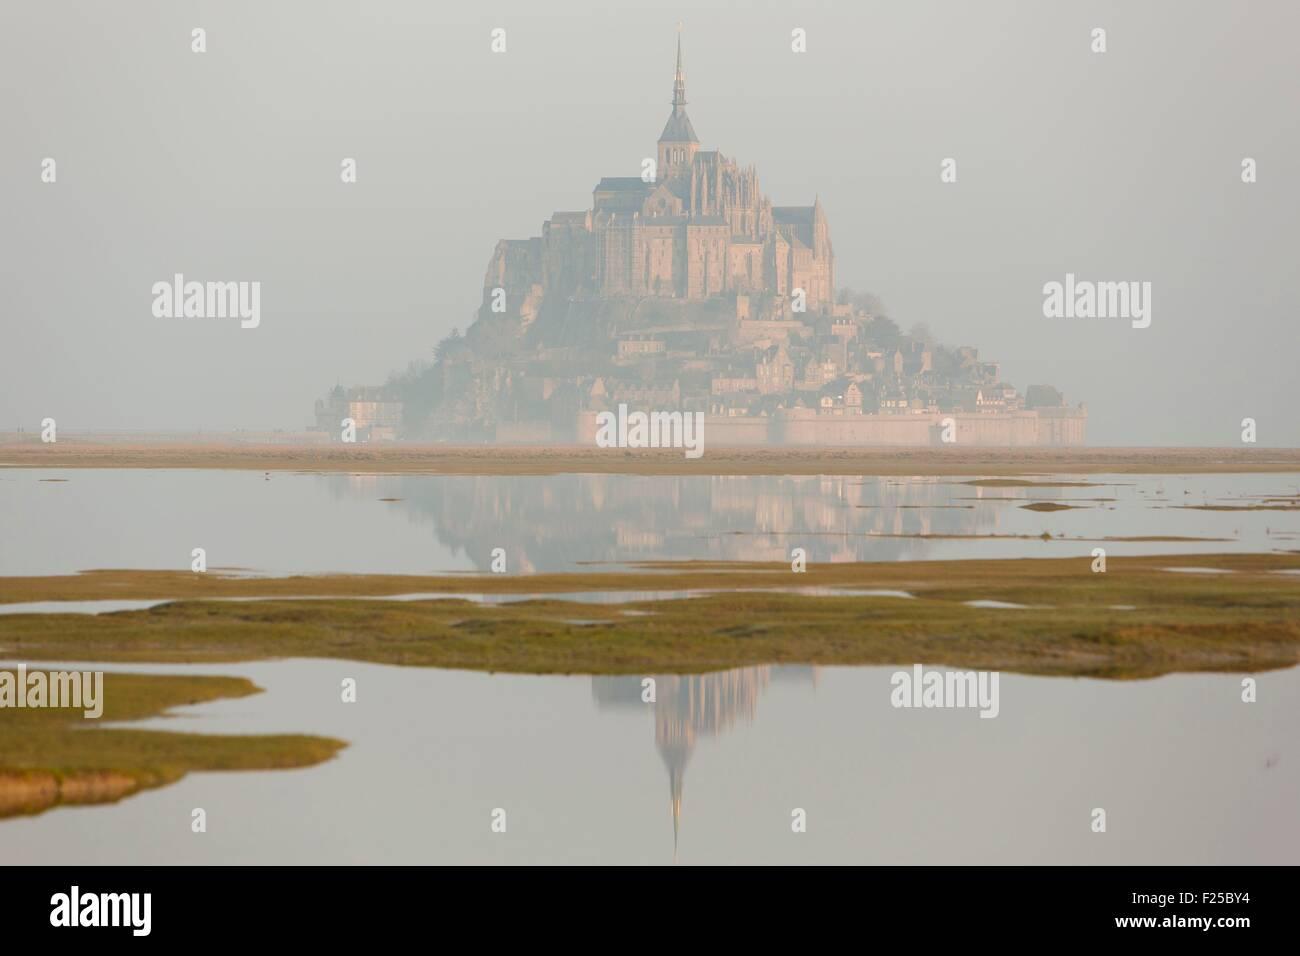 Frankreich, Manche, Mont-Saint-Michel als Weltkulturerbe der UNESCO, Mont Saint-Michel bei der Flut des Jahrhunderts Stockbild